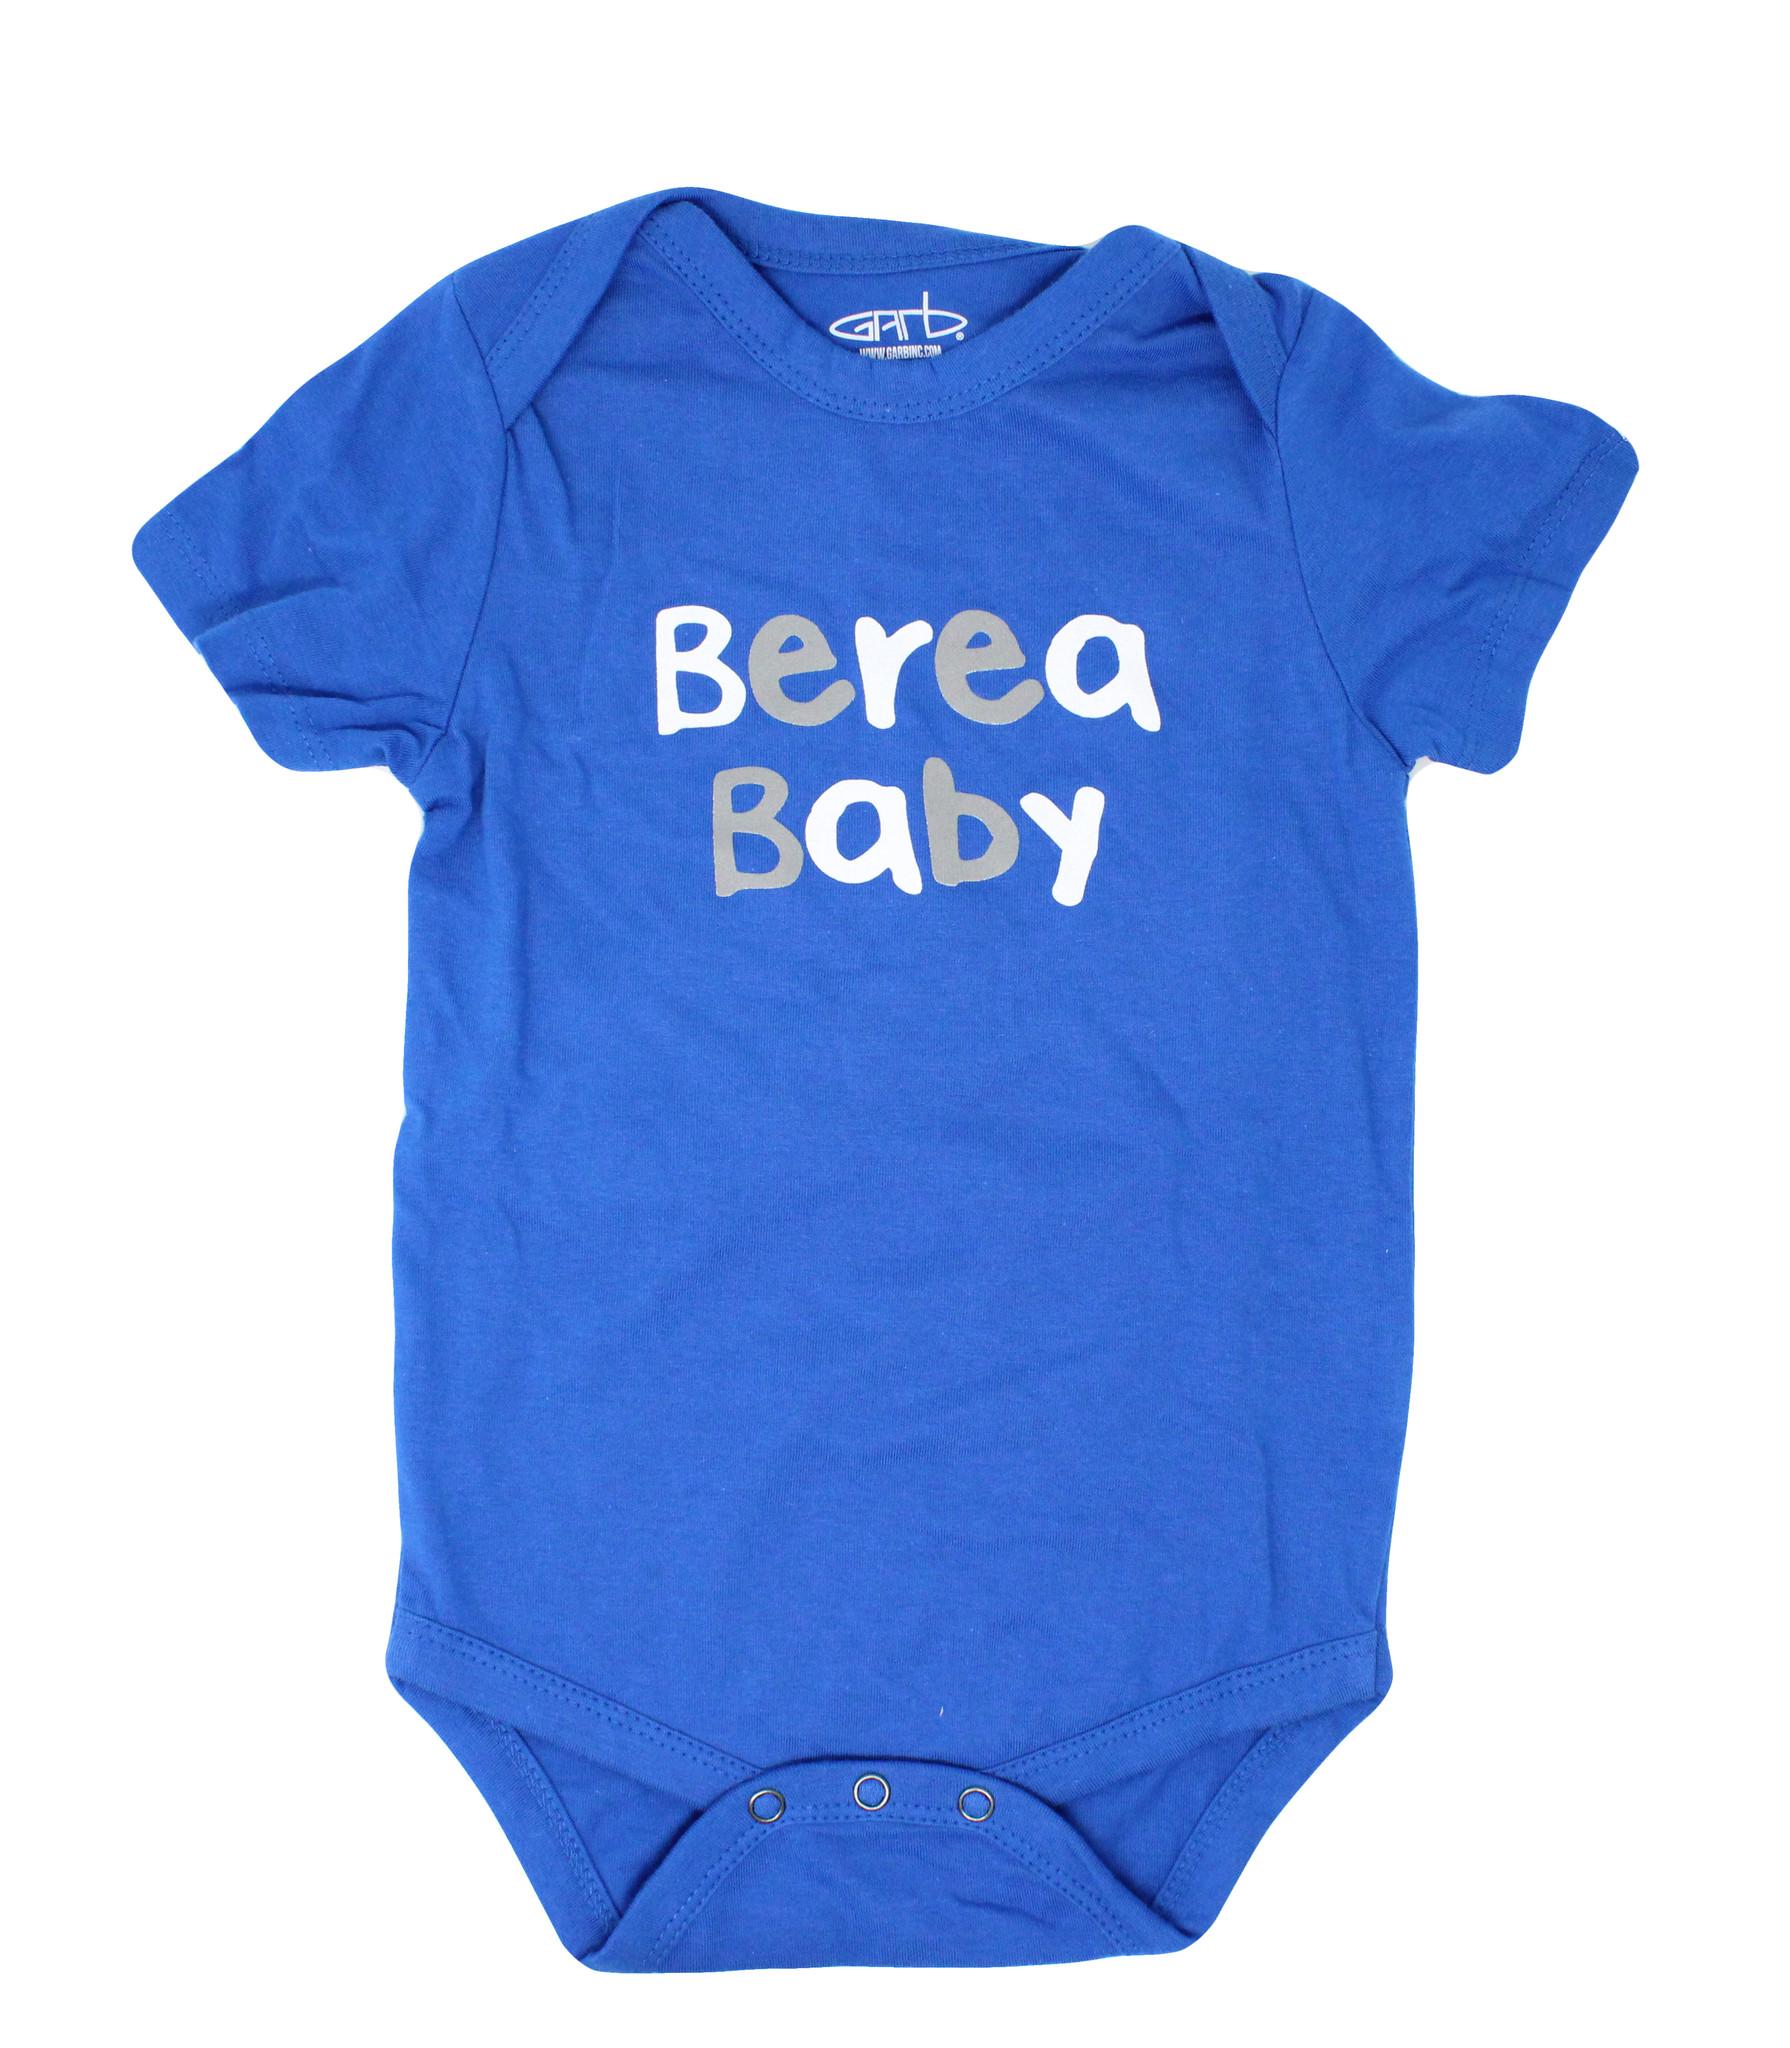 Berea Baby 2-Pack Onesie-3